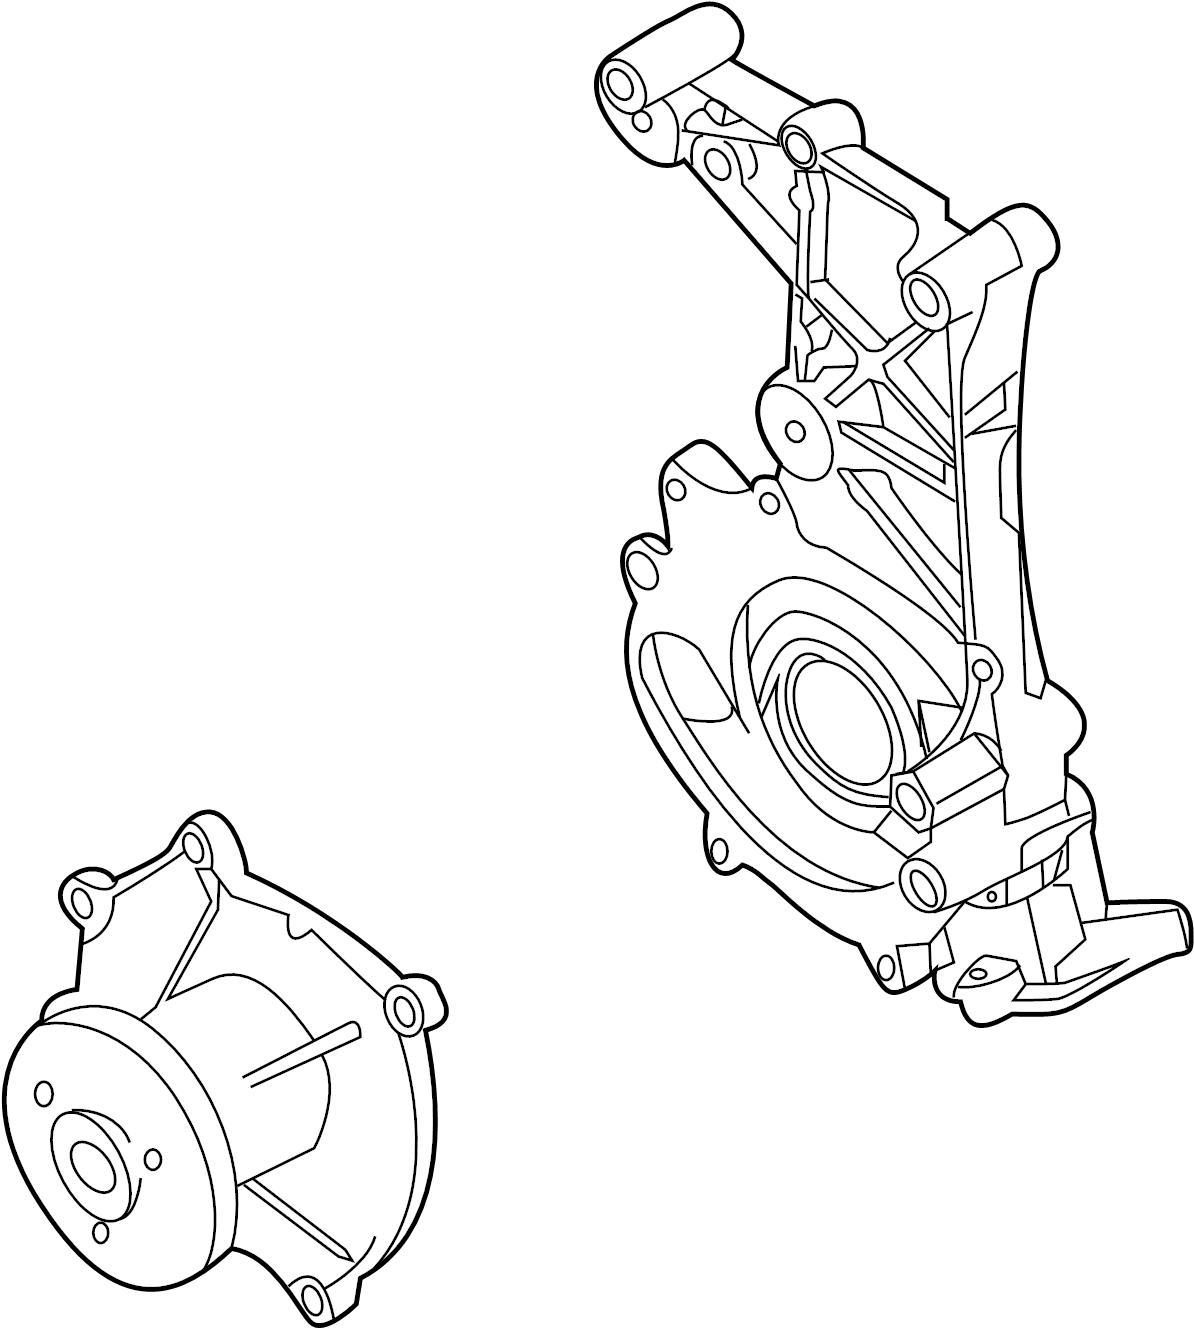 Porsche Boxster Engine Water Pump Housing 12 Incl